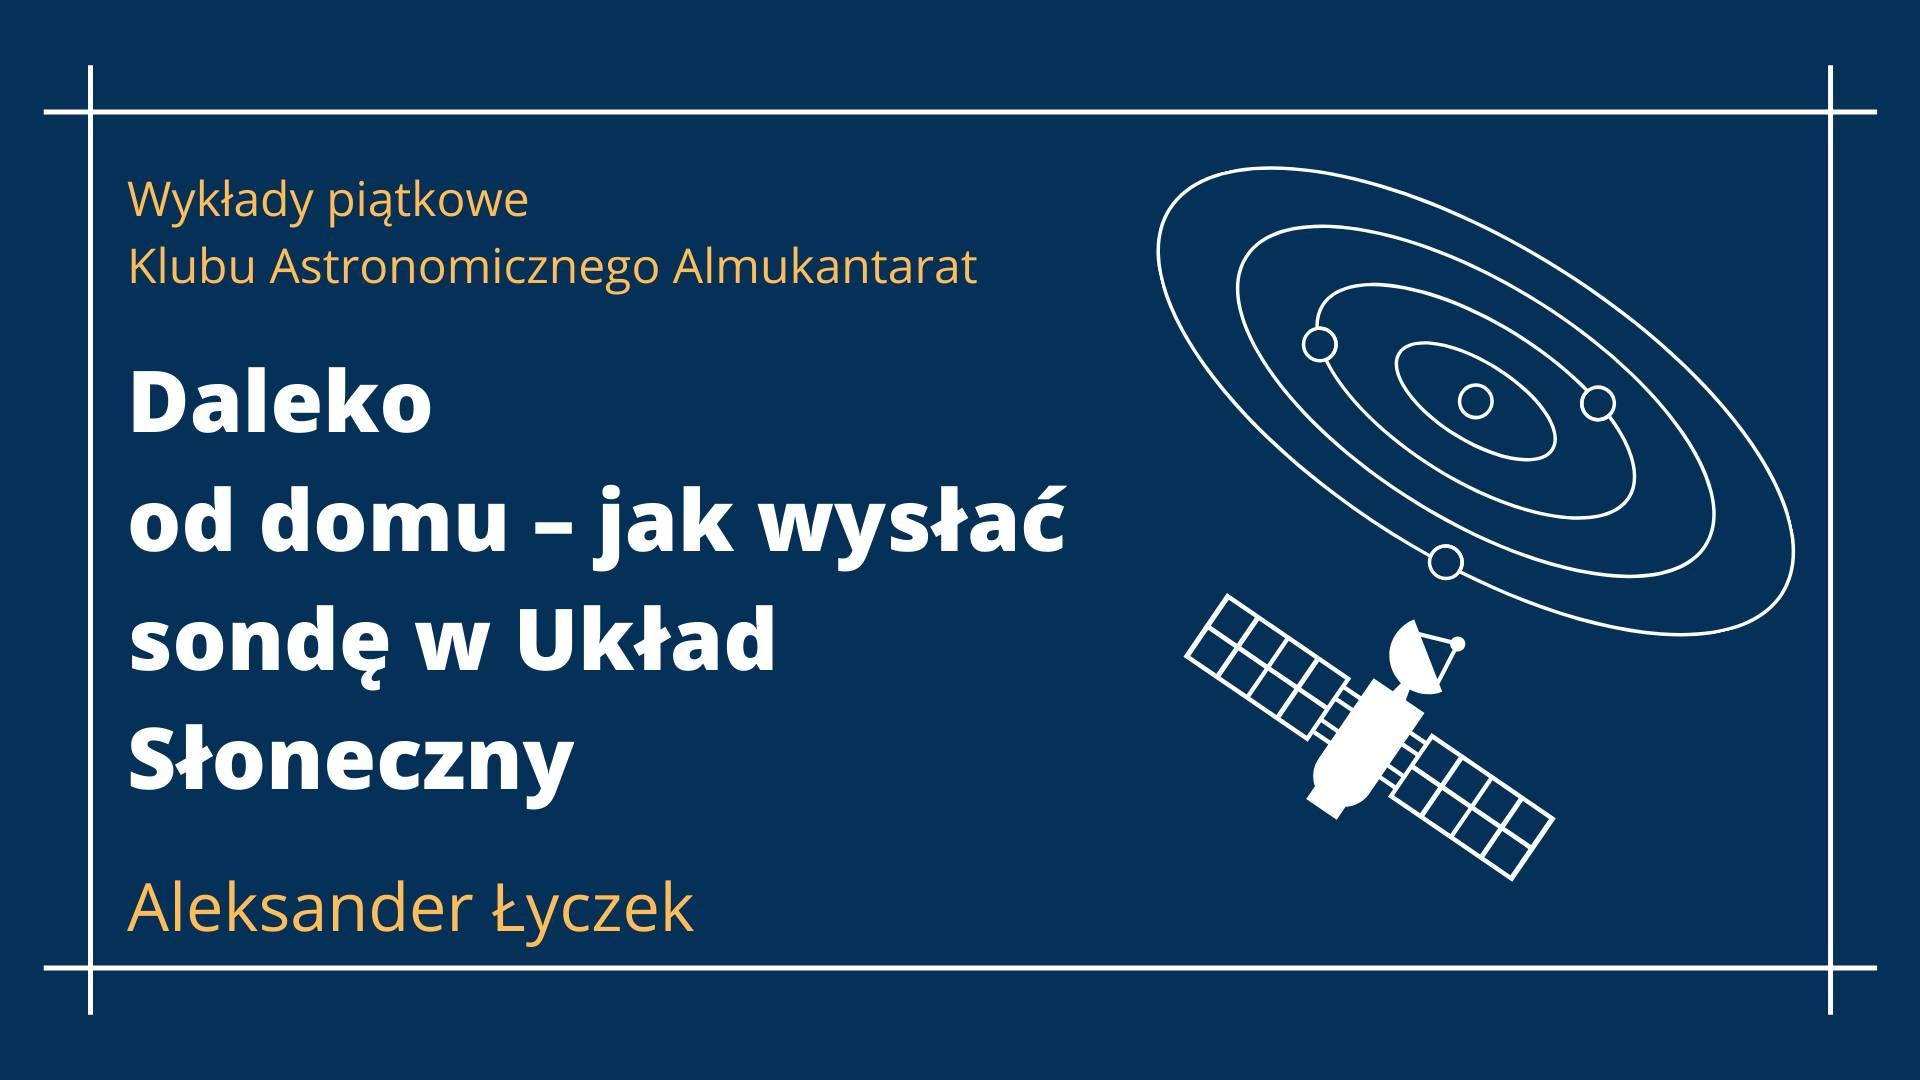 Wykład Daleko oddomu - Jak wysłać sondę wUkład Słoneczny @ Online